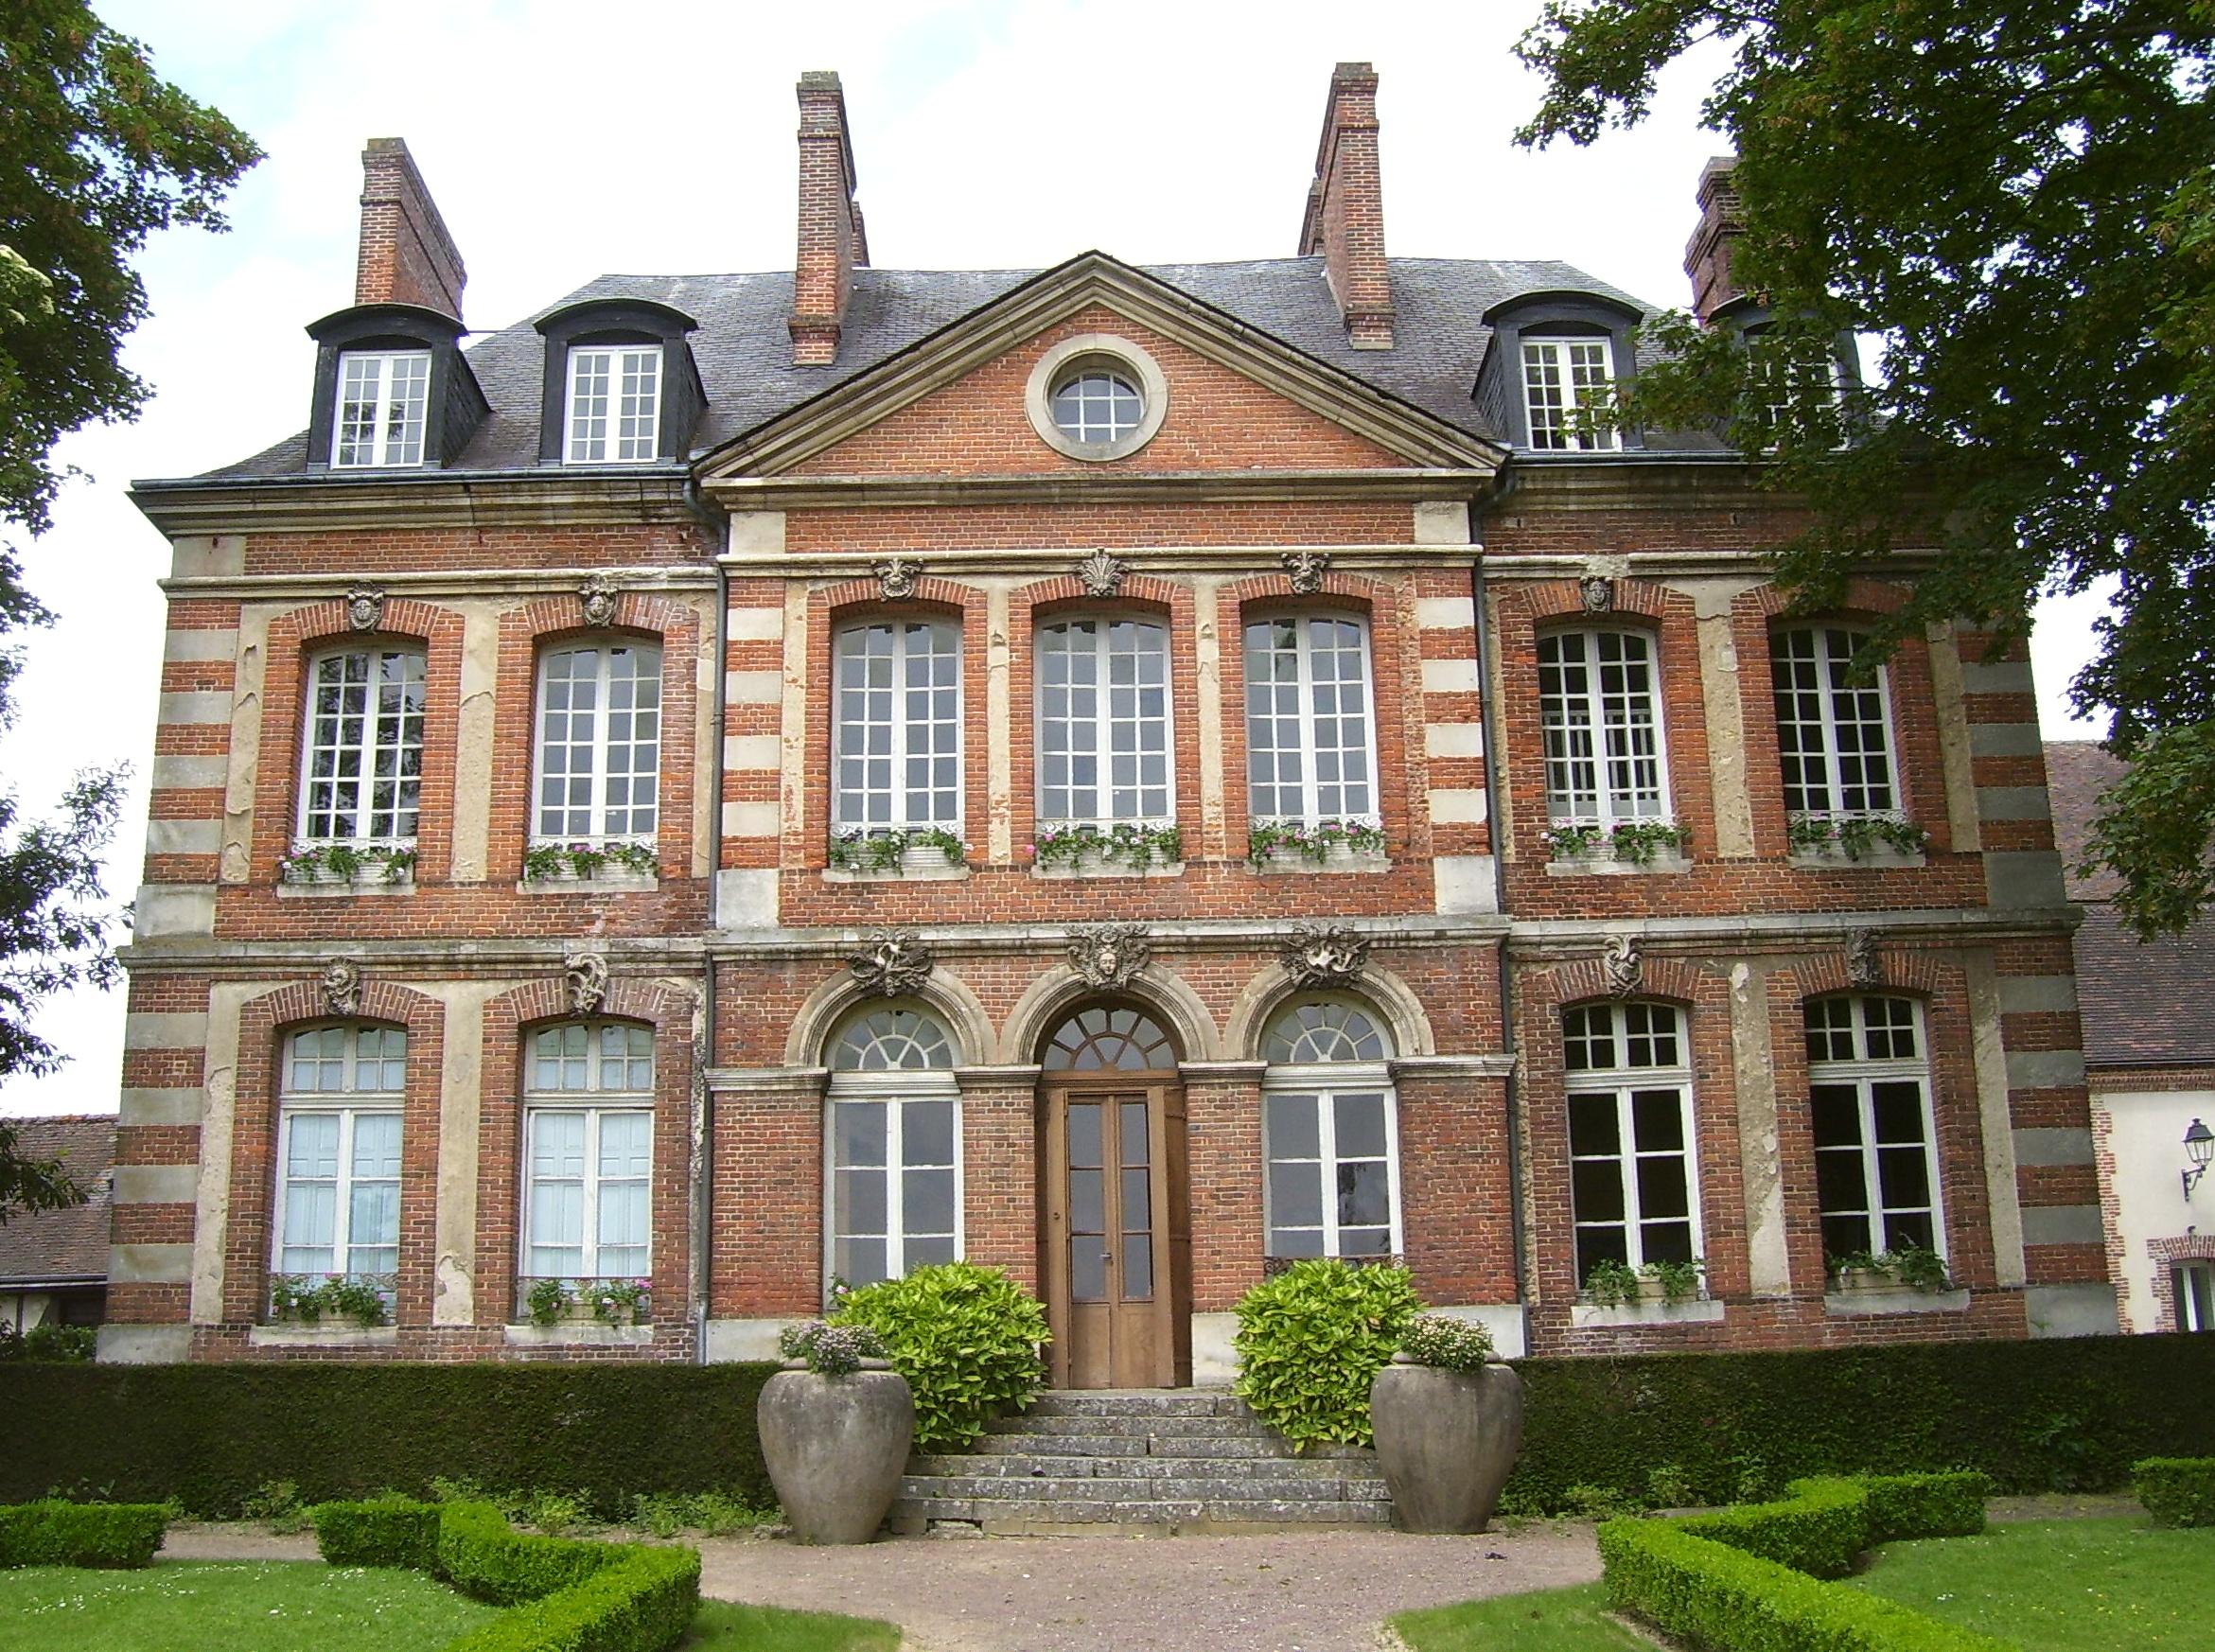 hôtel de la gabelle, eigenes Foto, public domain/gemeinfrei